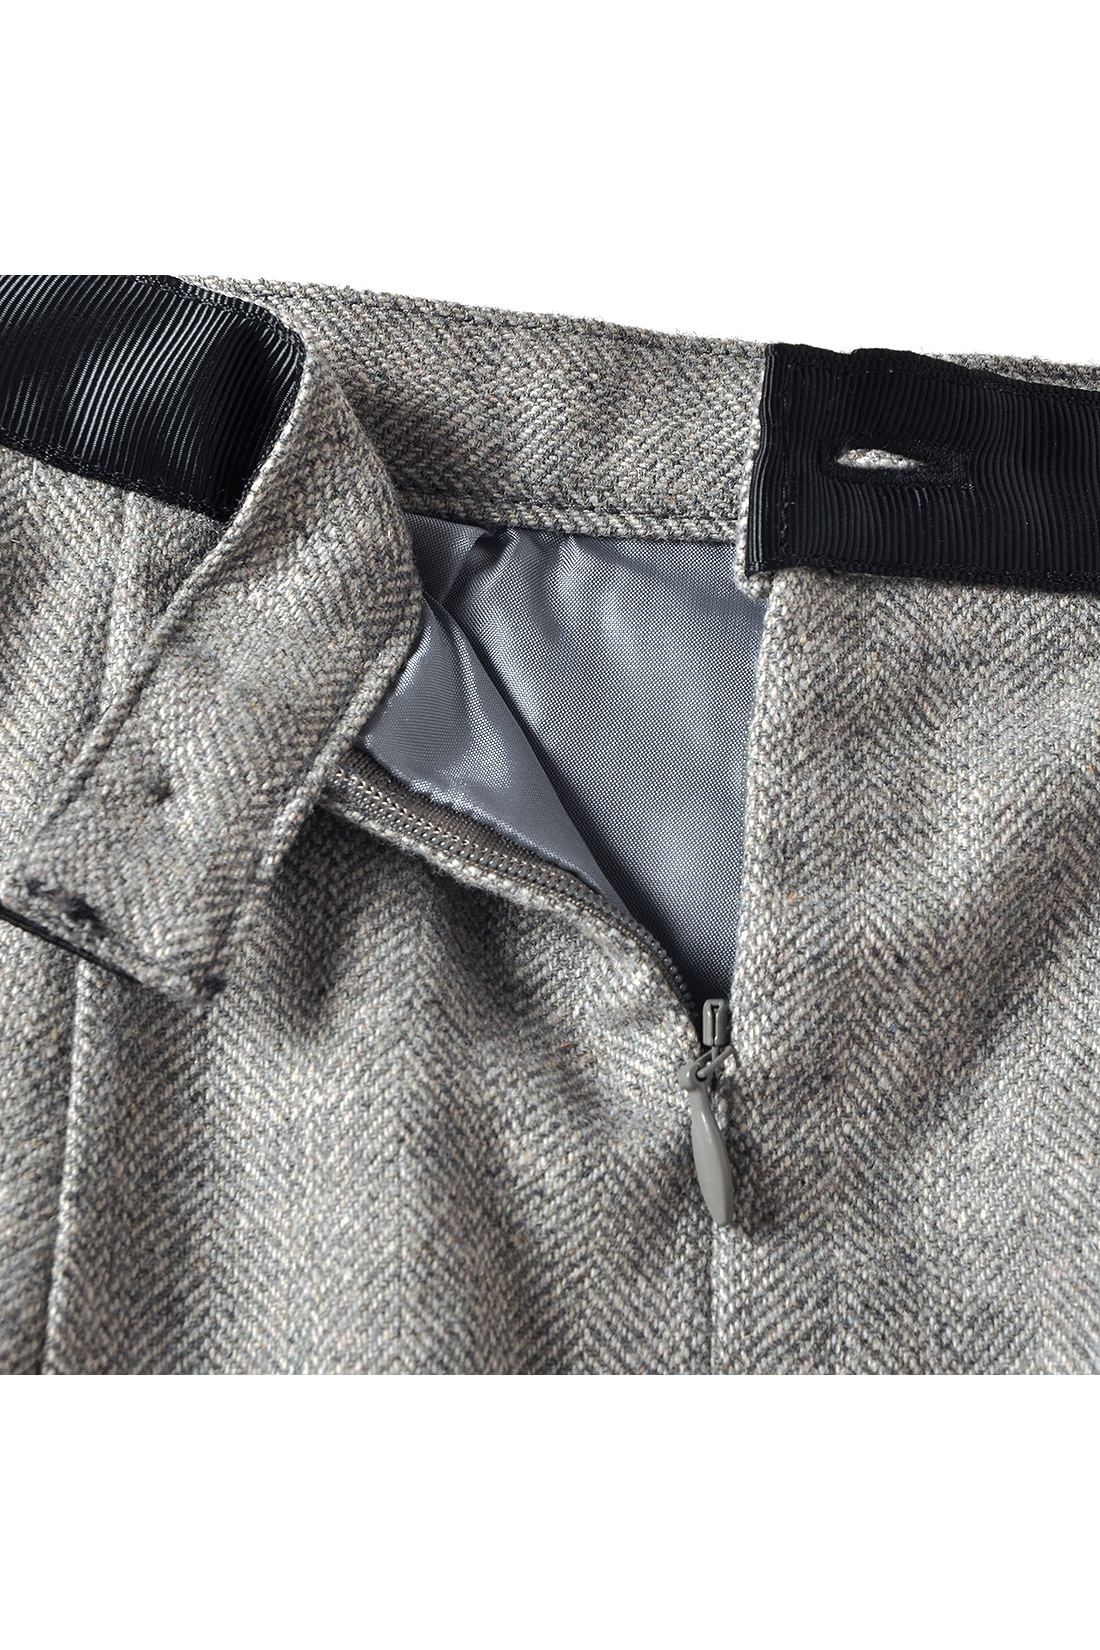 裏地付きだから一枚ではけて安心&らくちん。ウエストがきれいに決まるファスナー仕様で、きちんと感もキープ。